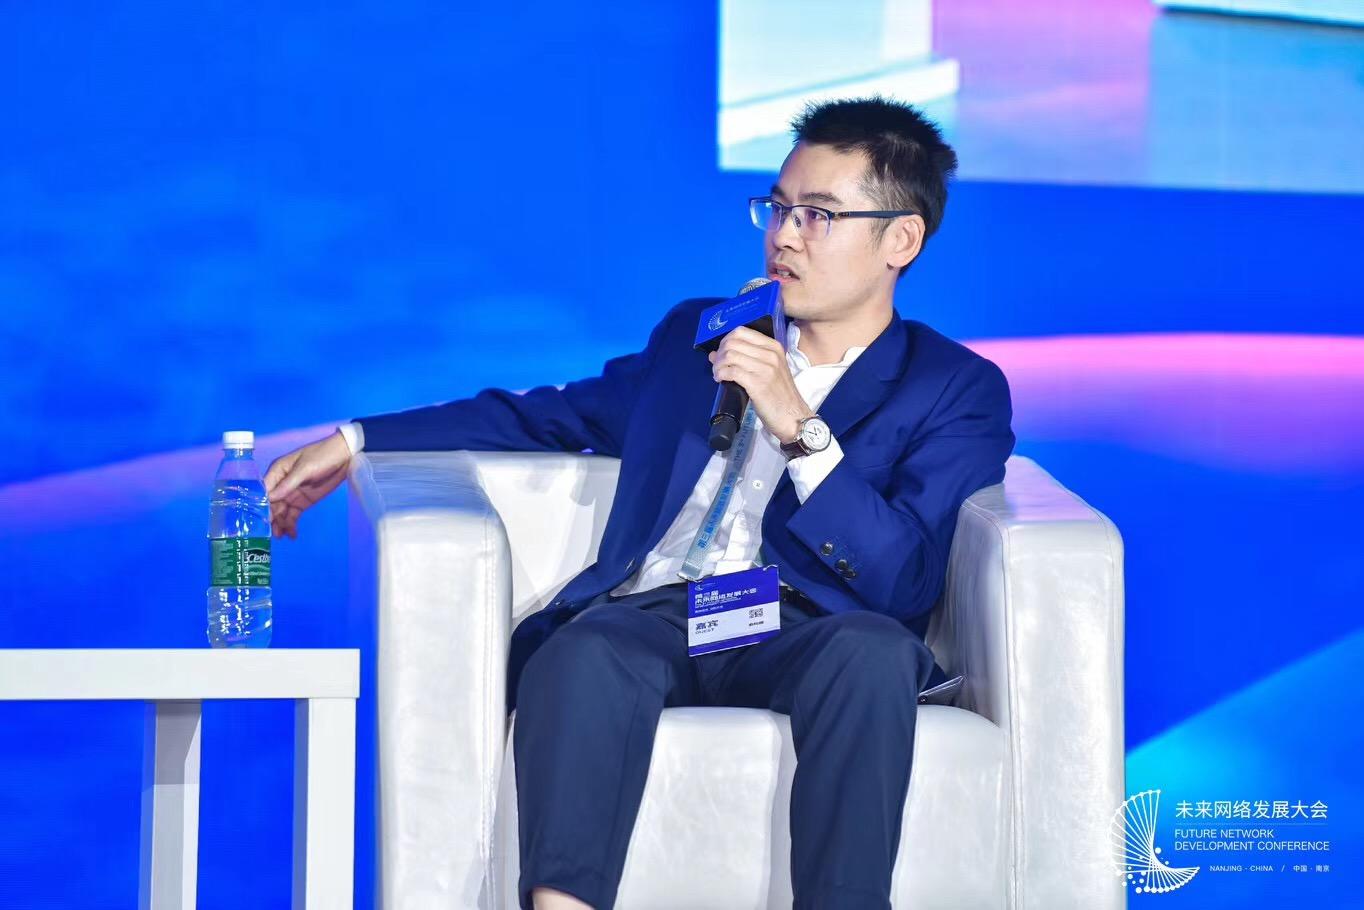 天际汽车车联网副总裁俞松耀